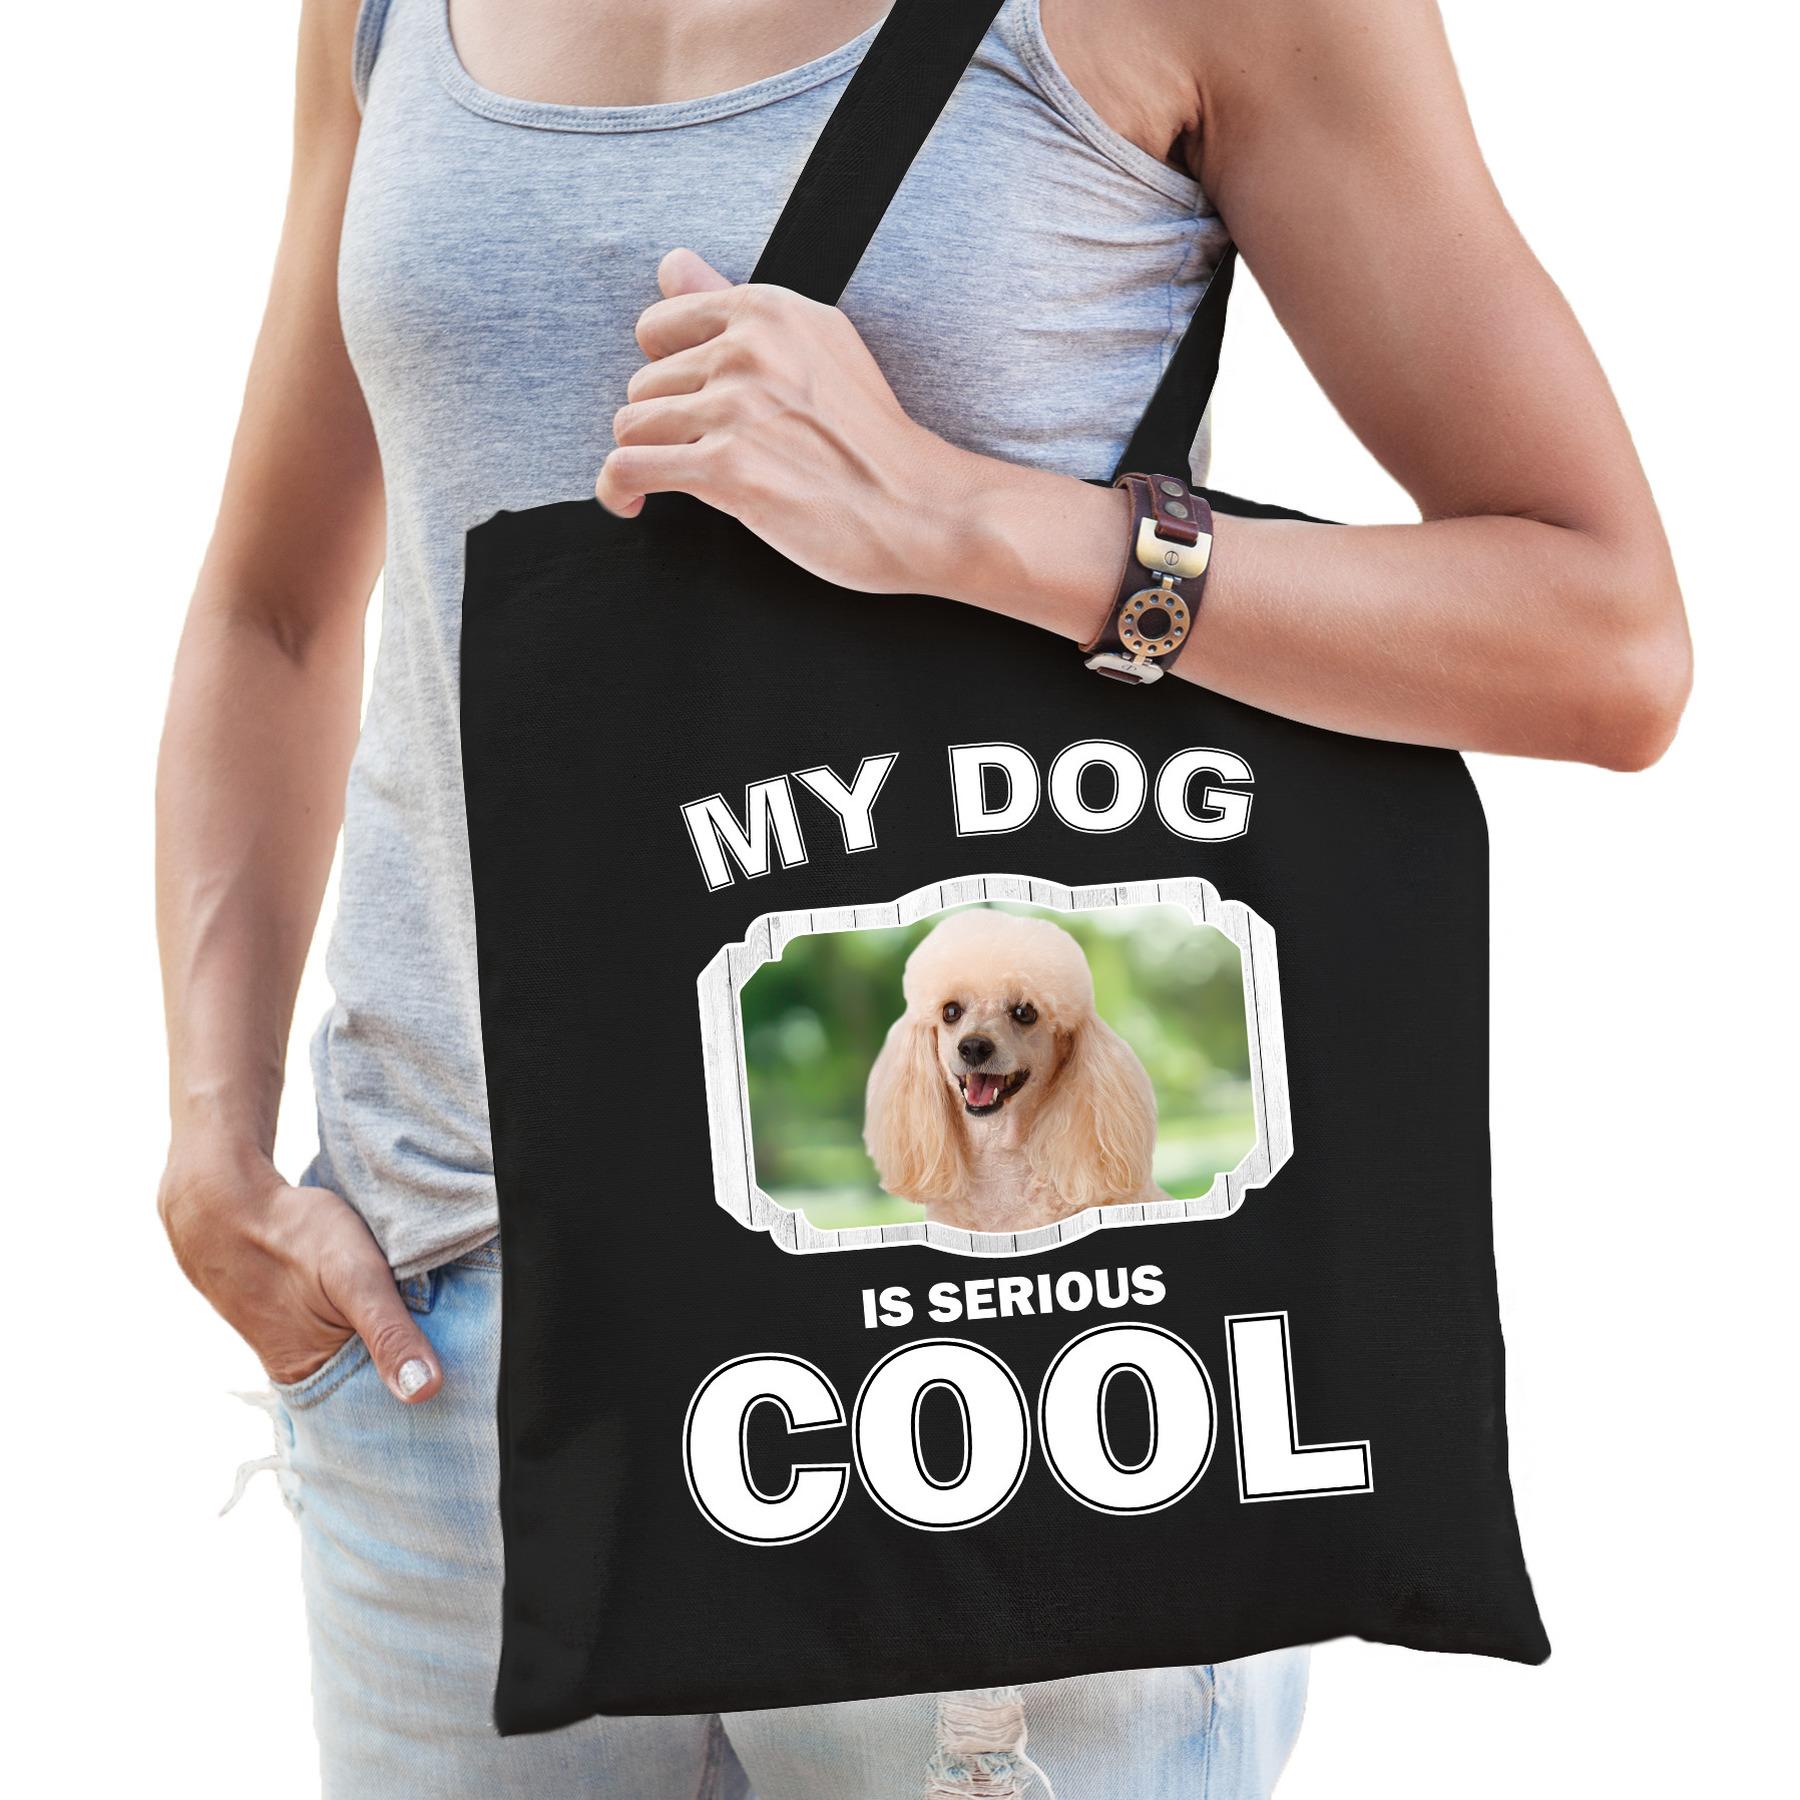 Katoenen tasje my dog is serious cool zwart - Poedel honden cadeau tas